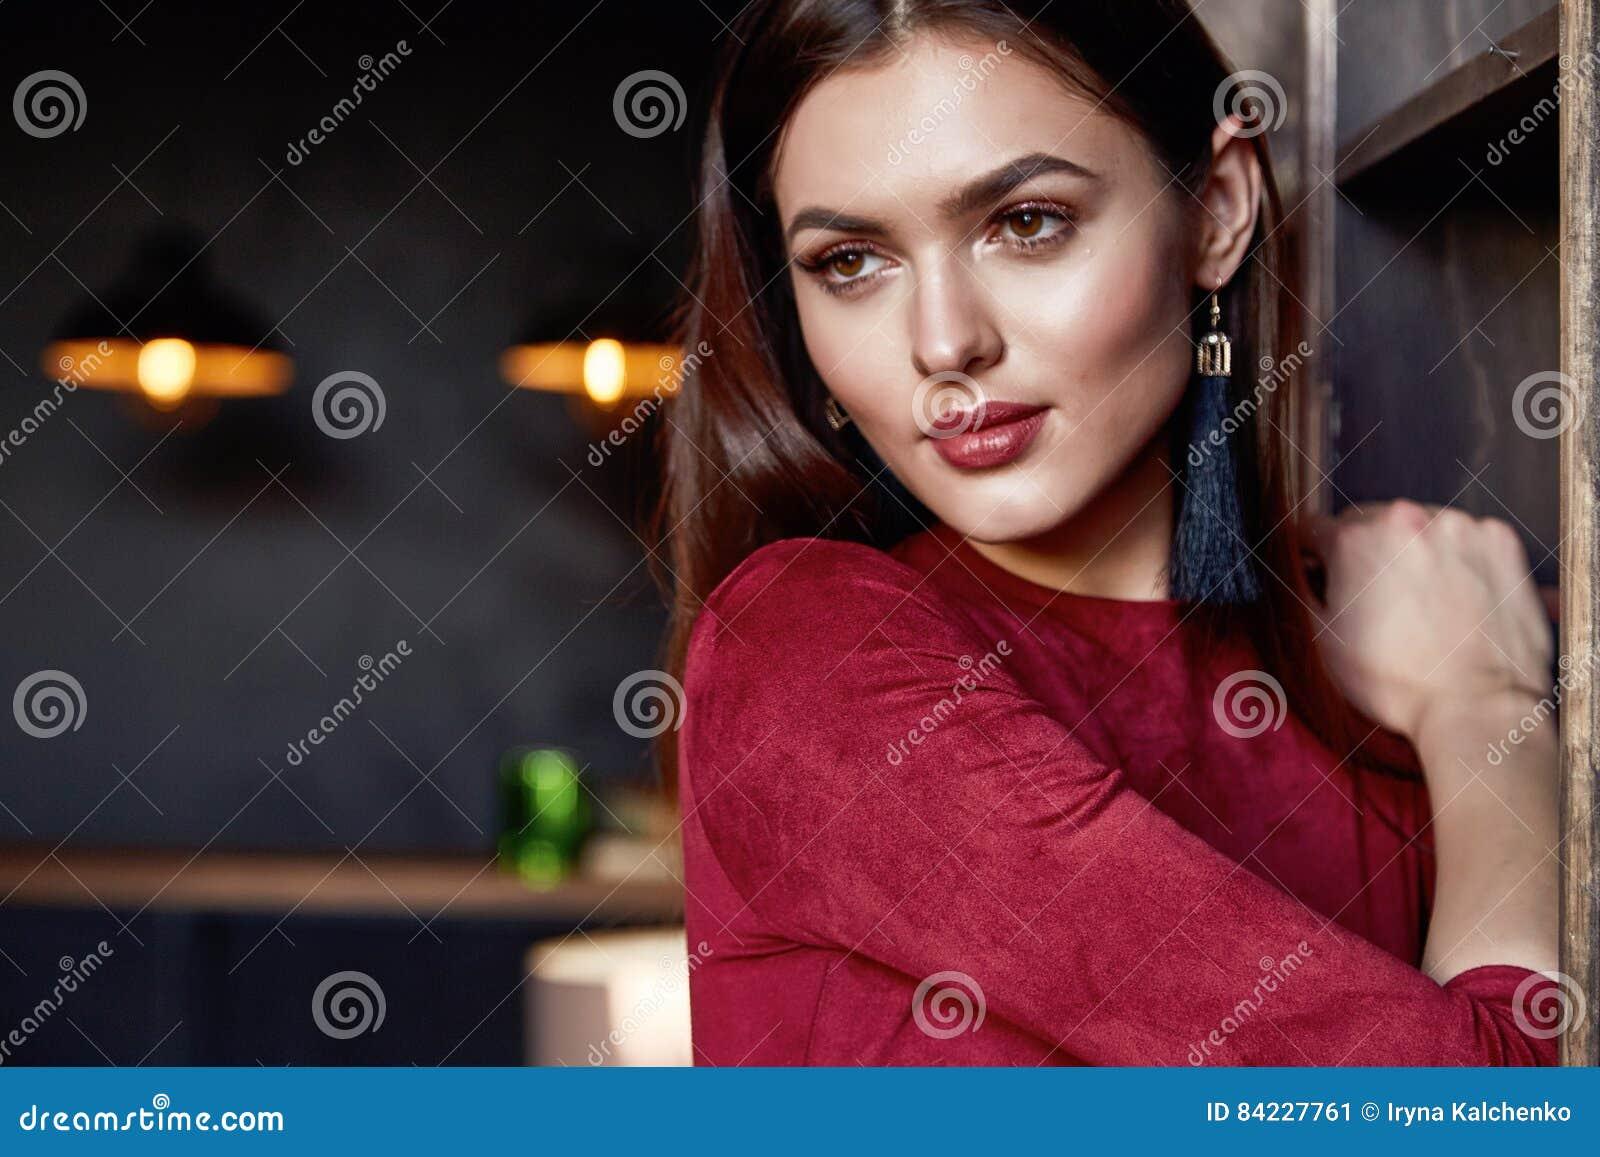 De mooie van de de lenteherfst van de vrouwendame van de de inzamelingsglamour model de manierkleren dragen bureaustijl voor mooi